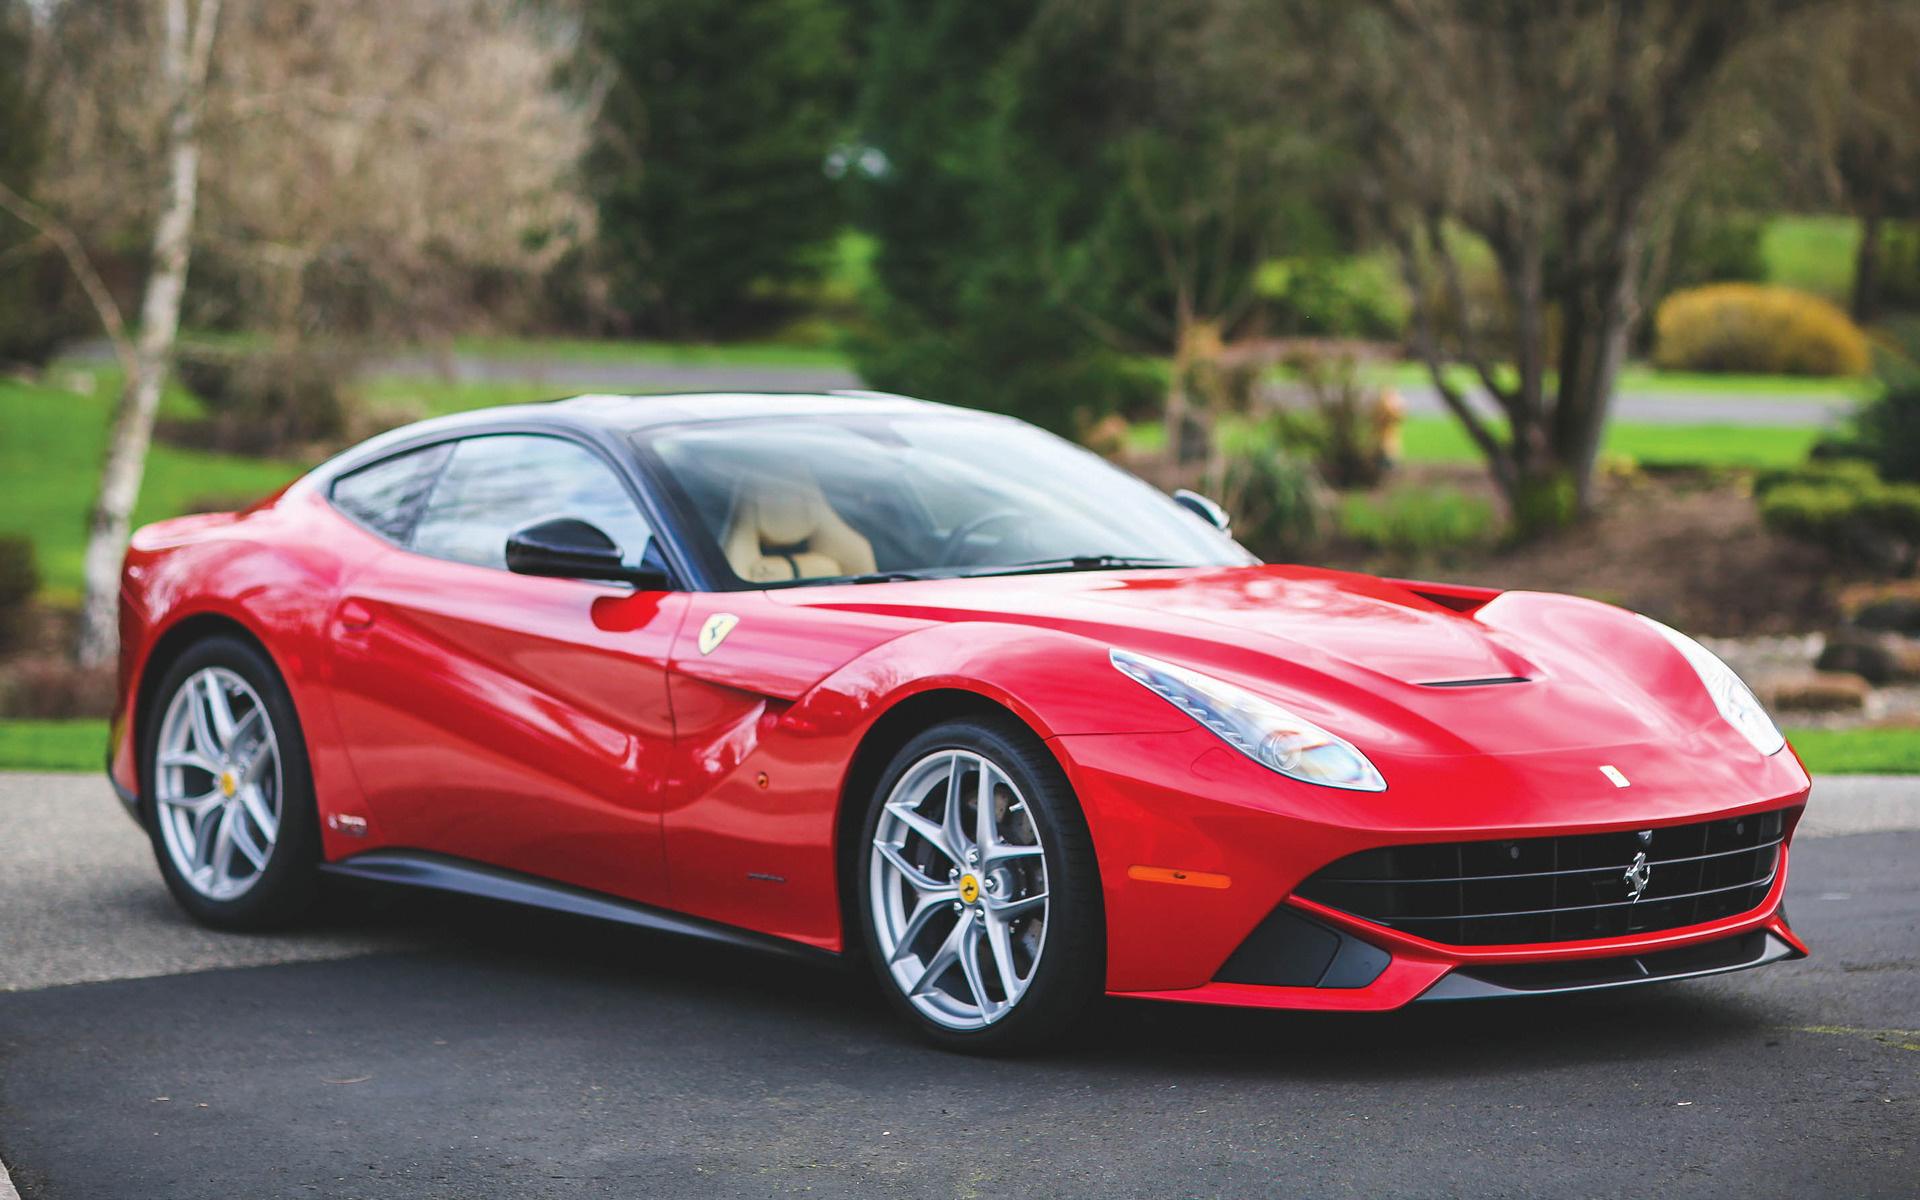 2016 Dodge Magnum >> 2017 Ferrari F12berlinetta The Magnum P.I. (US) - Wallpapers and HD Images   Car Pixel